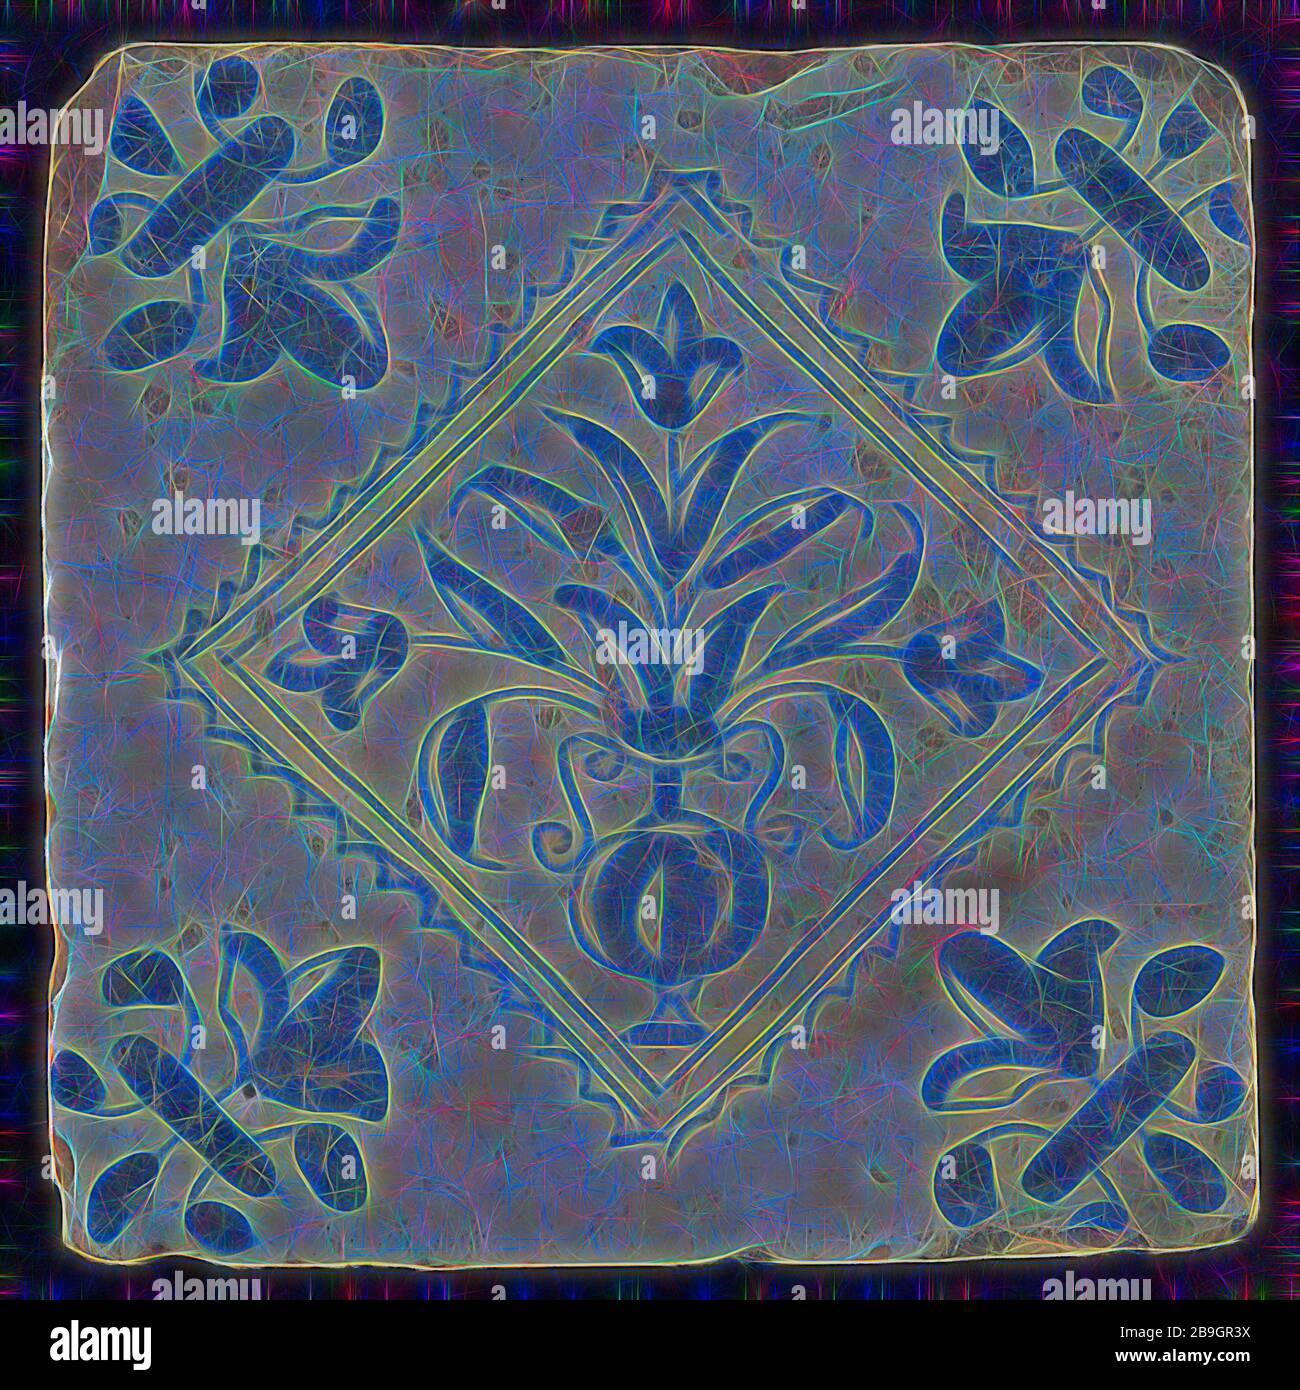 Tuile, cache-pot en bleu sur blanc, à l'intérieur coin carré dentelé, français modèle lily, carreaux de mur en faïence céramique sculpture mosaïque glaze, au four 2x vitrage peint Banque D'Images